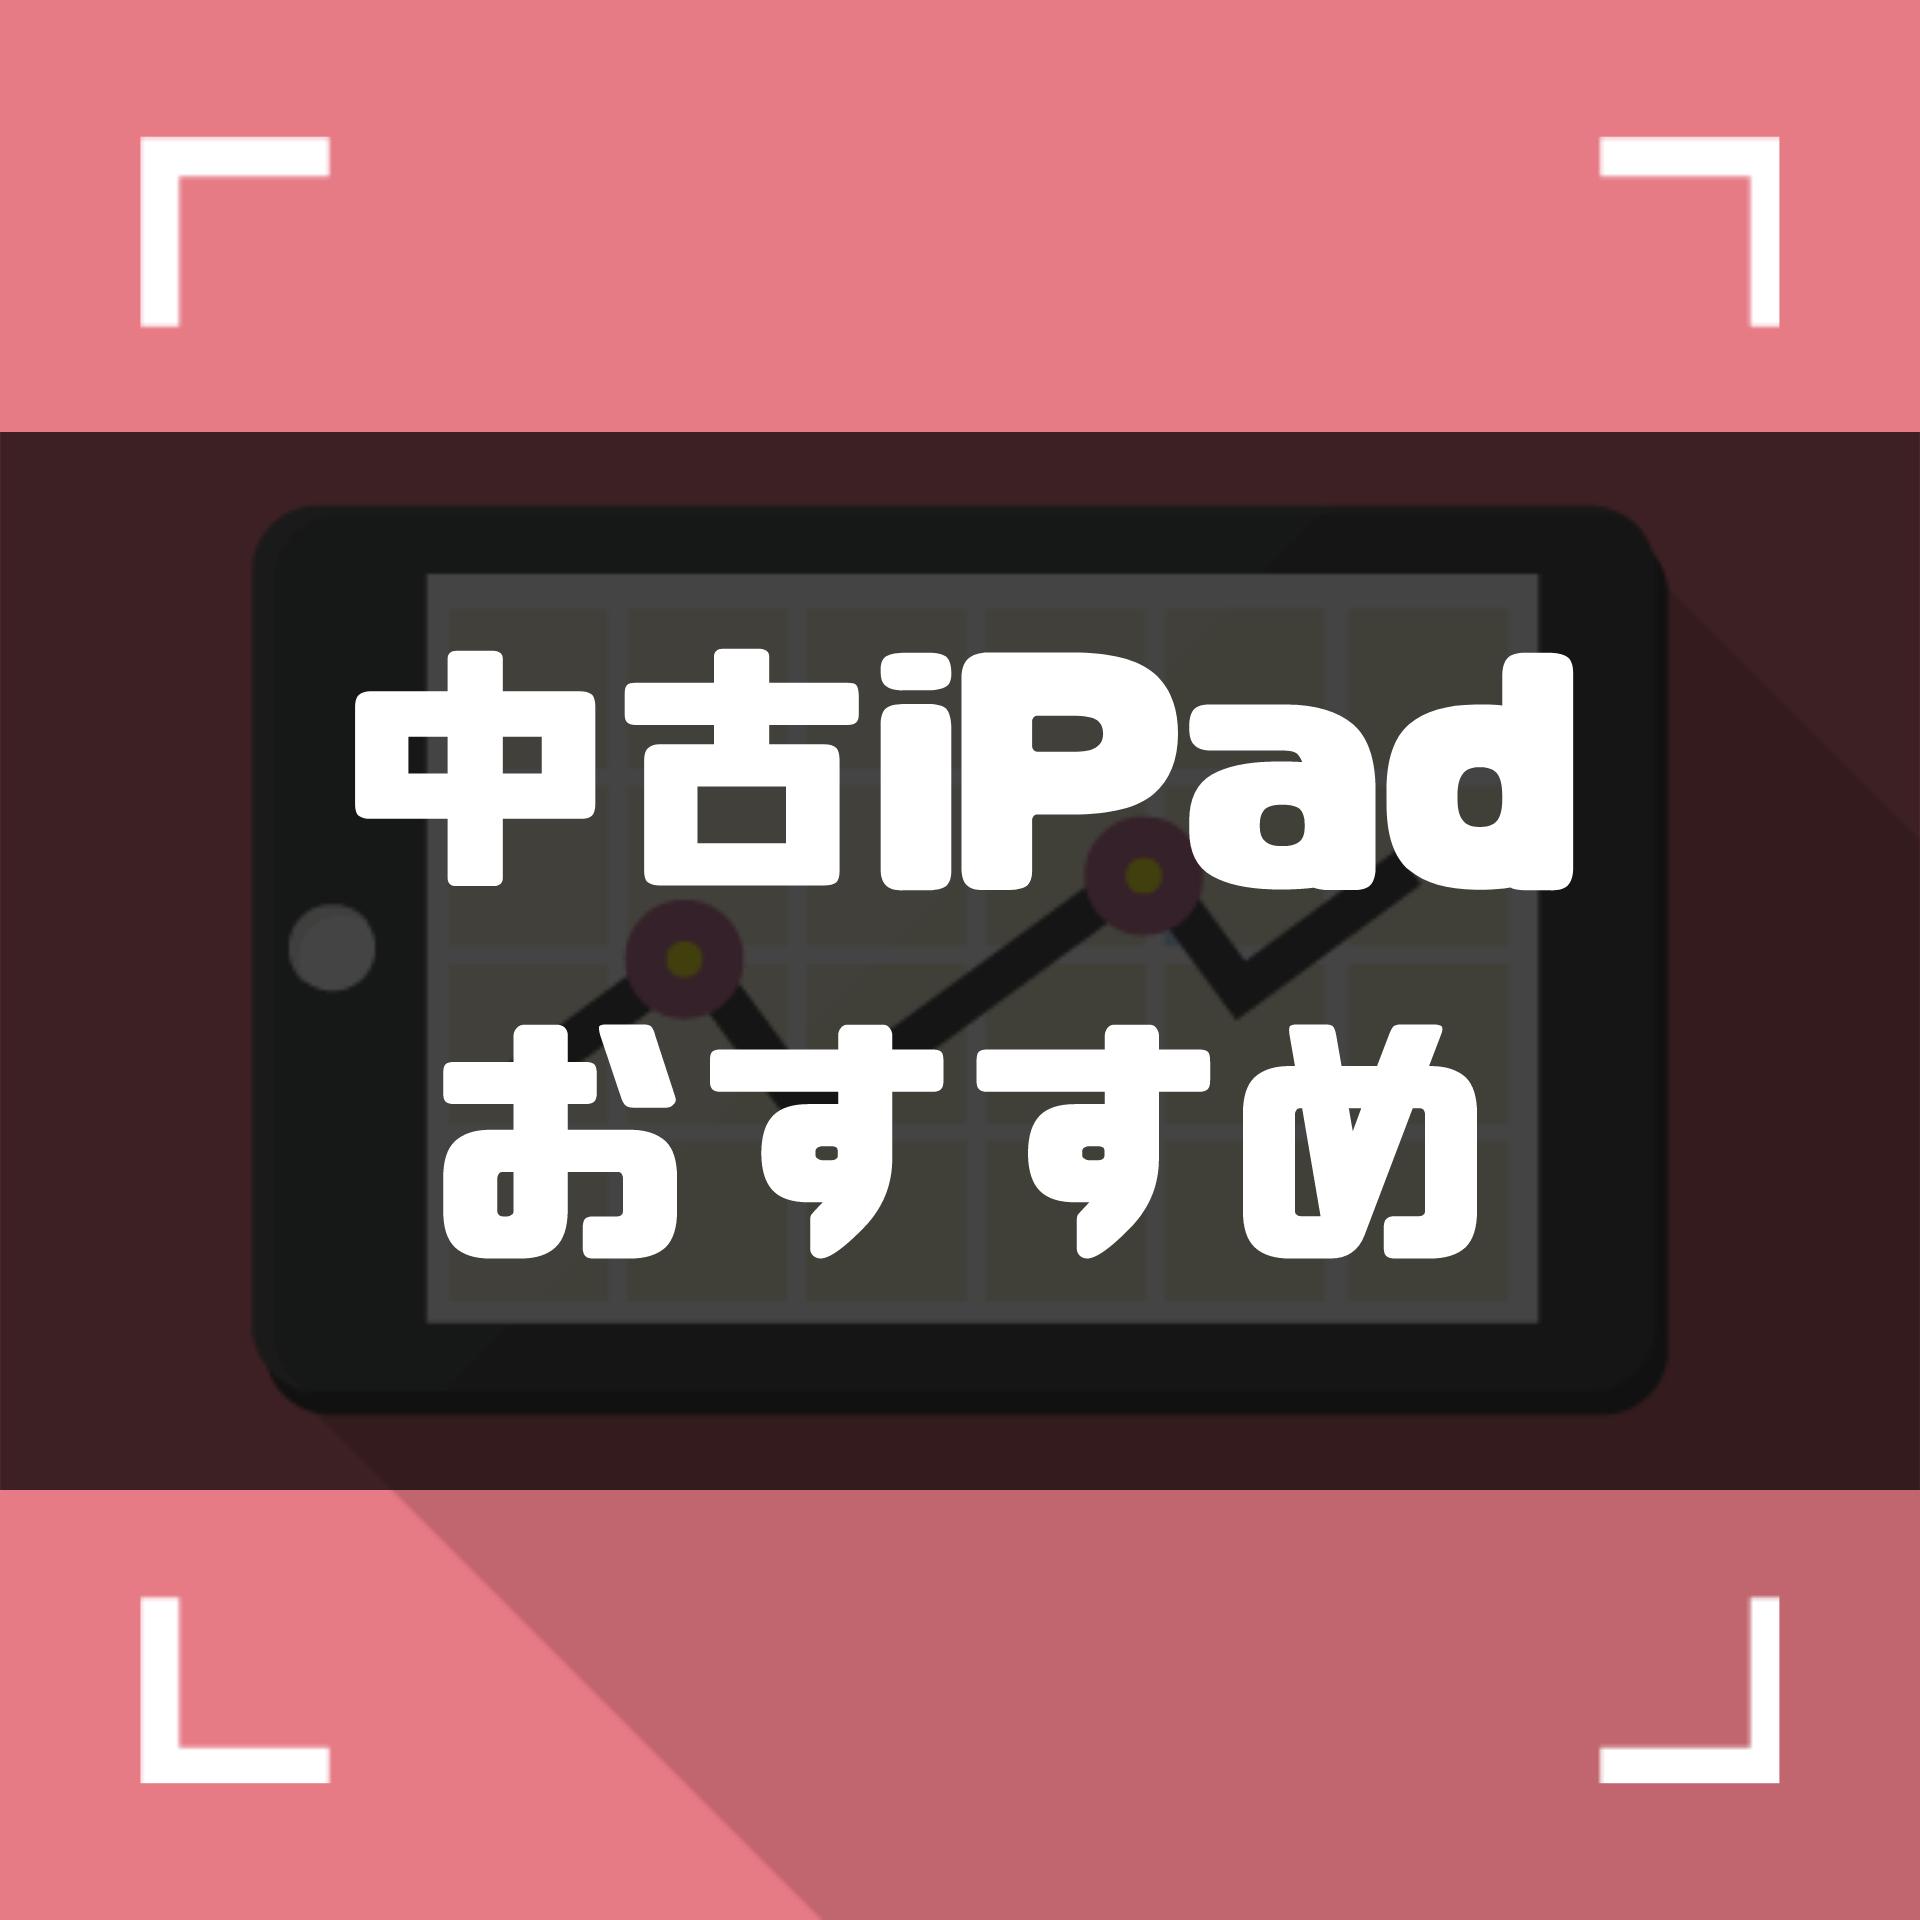 iPadの中古おすすめモデル6選|価格や買う時の注意点を徹底解説